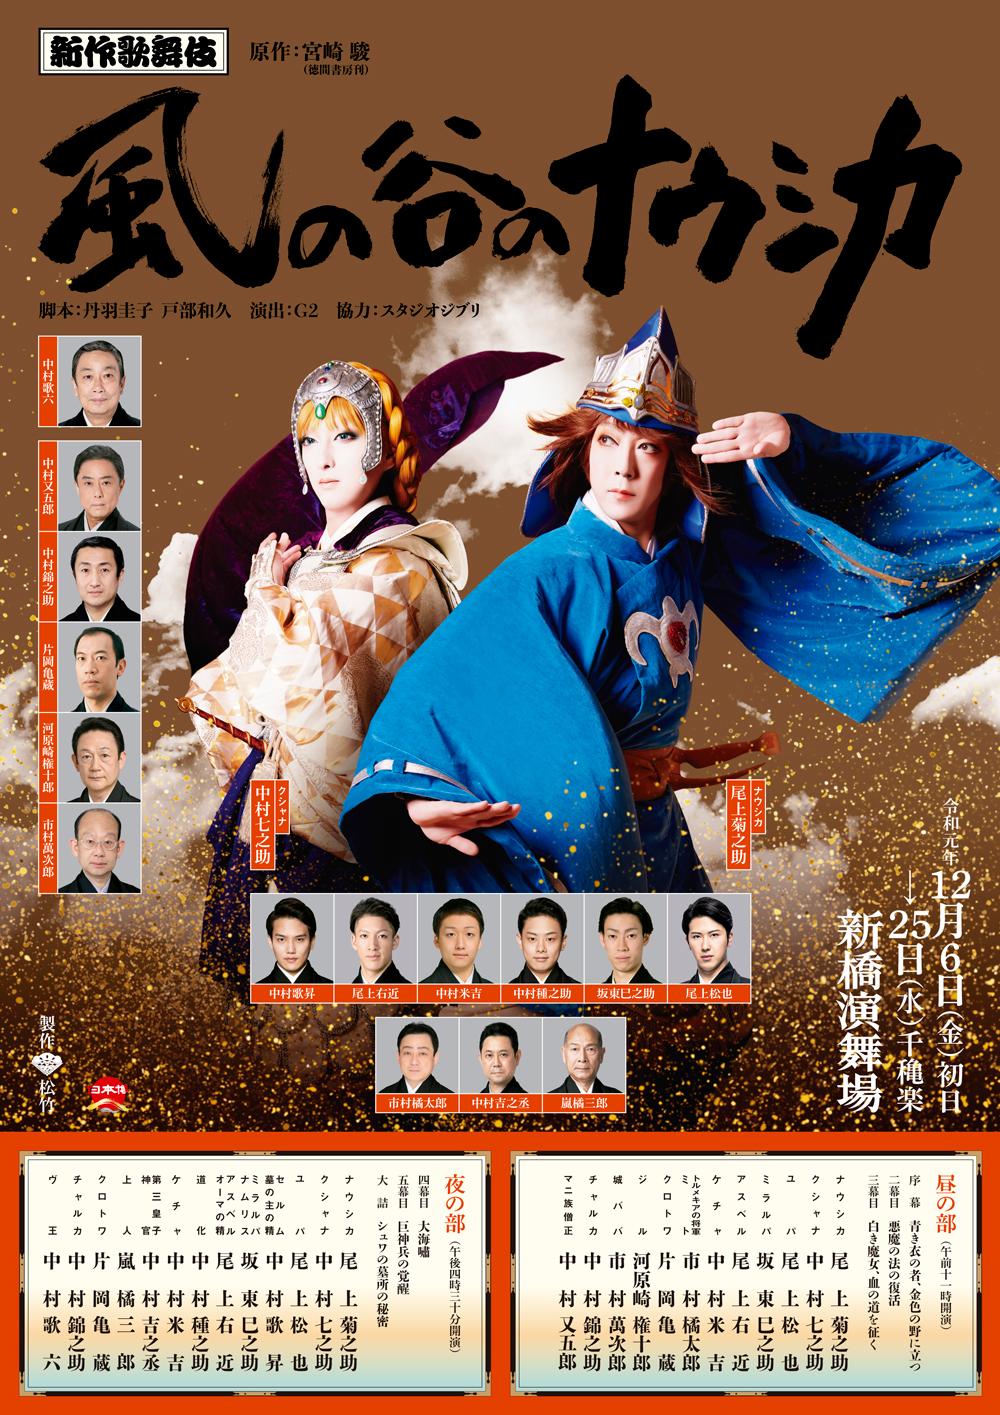 新作歌舞伎 風の谷のナウシカ